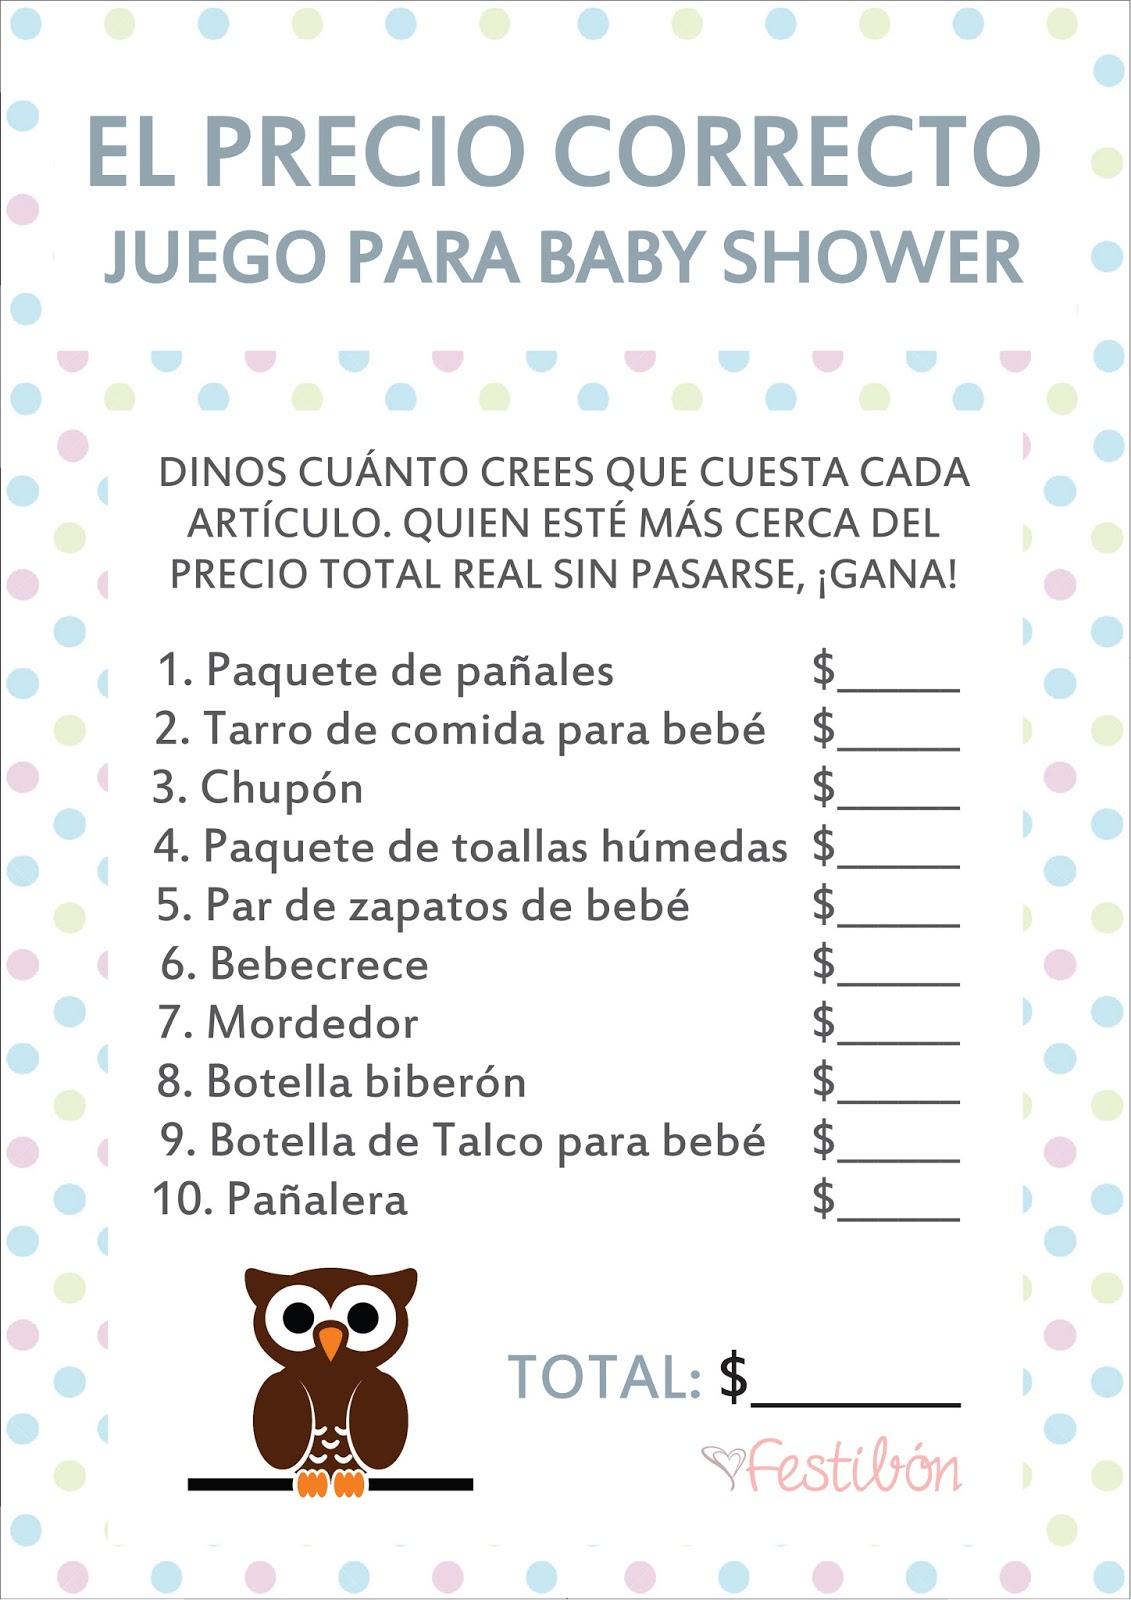 Ponle El Chupon Al Bebe Juego